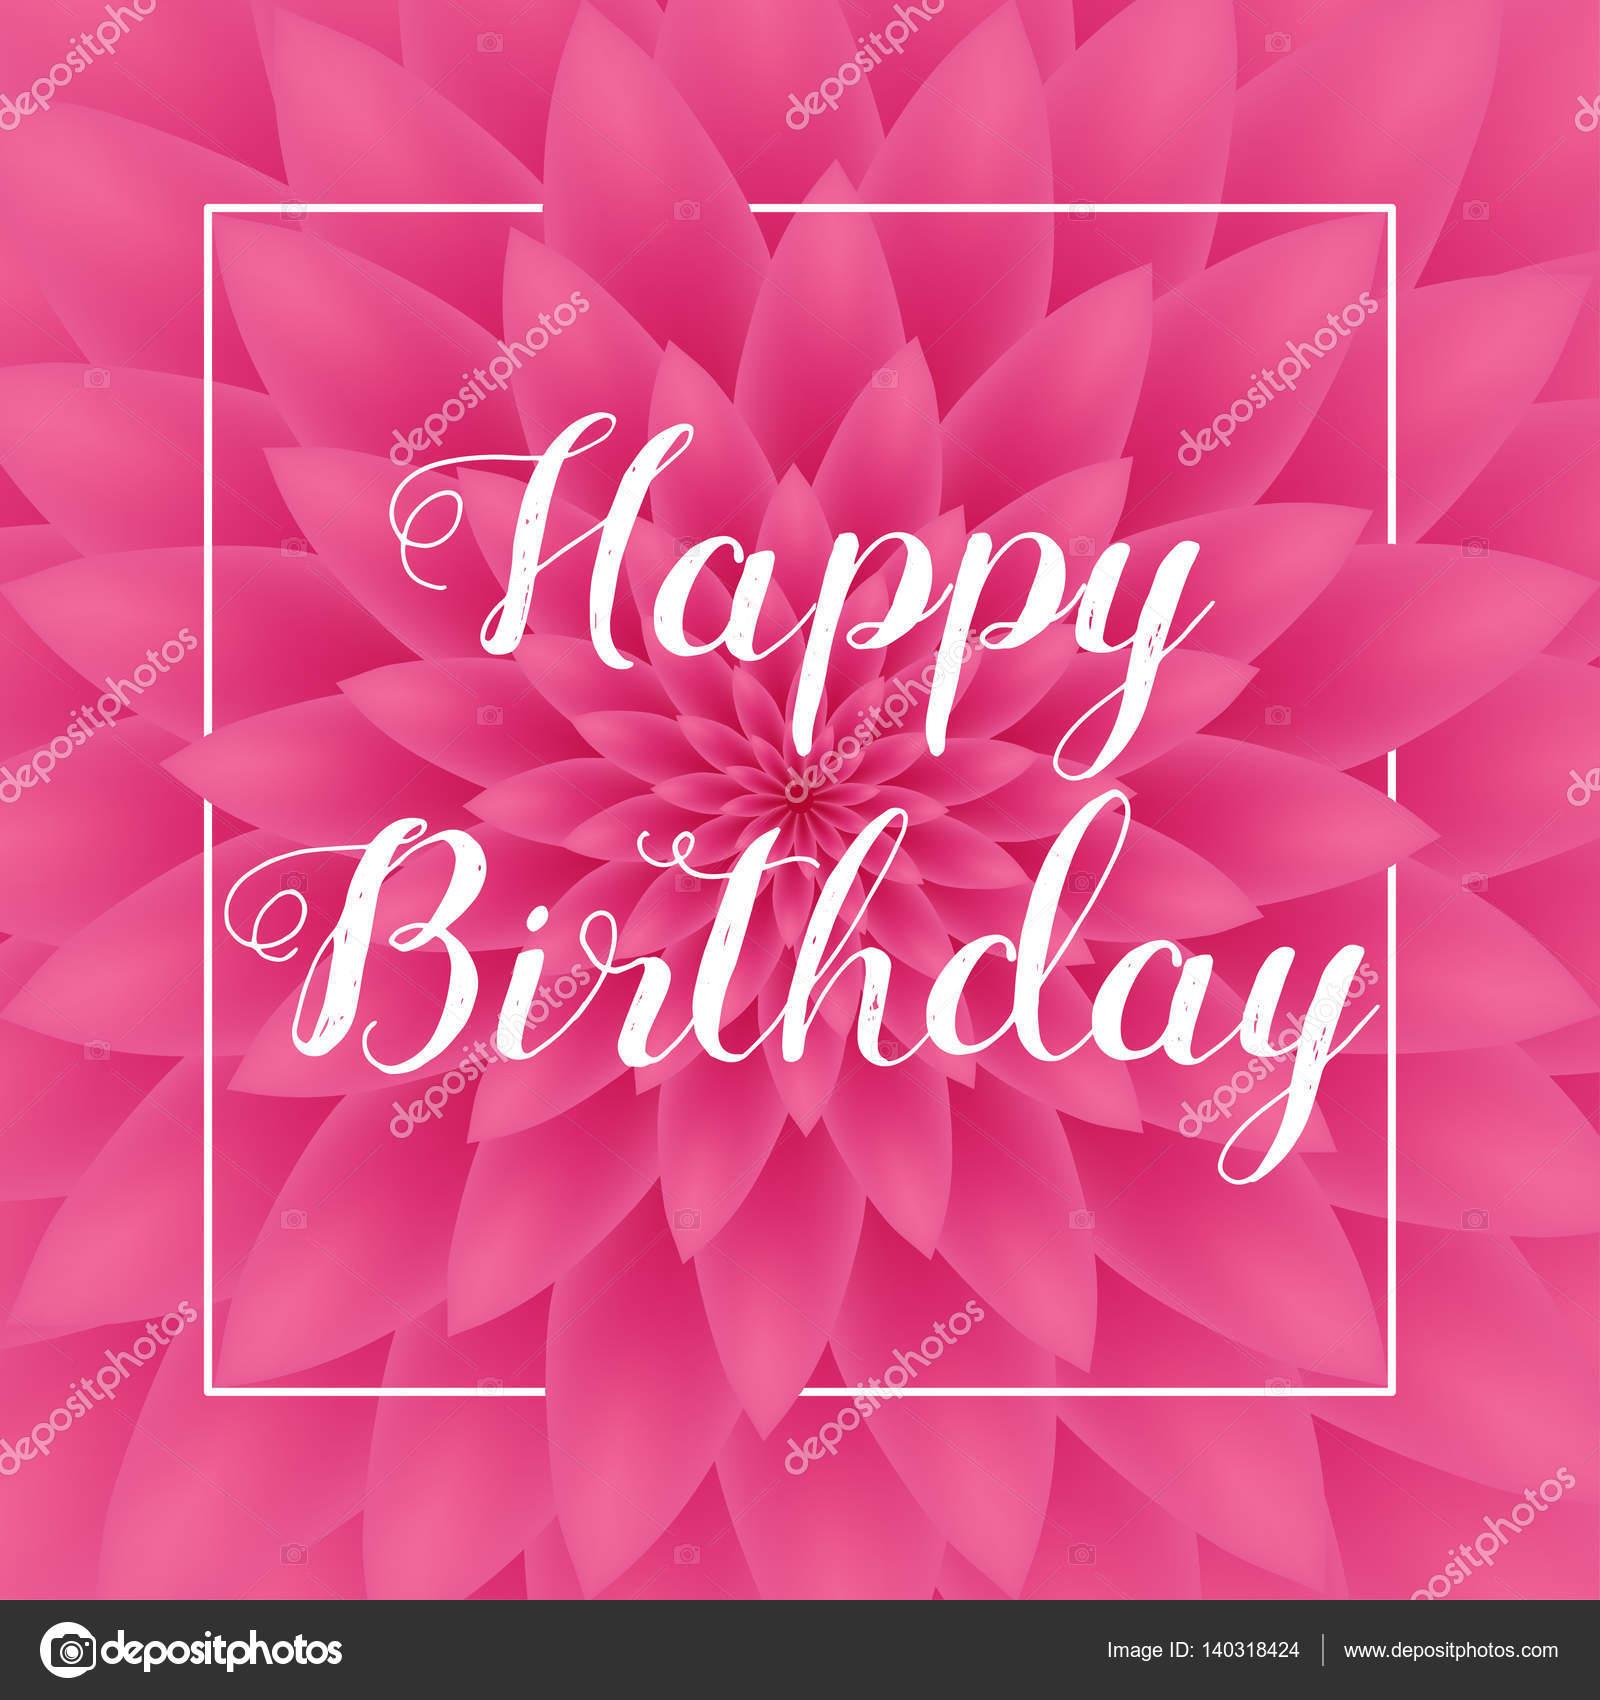 carte d'anniversaire joyeux - jolie carte de voeux avec chrysanthème